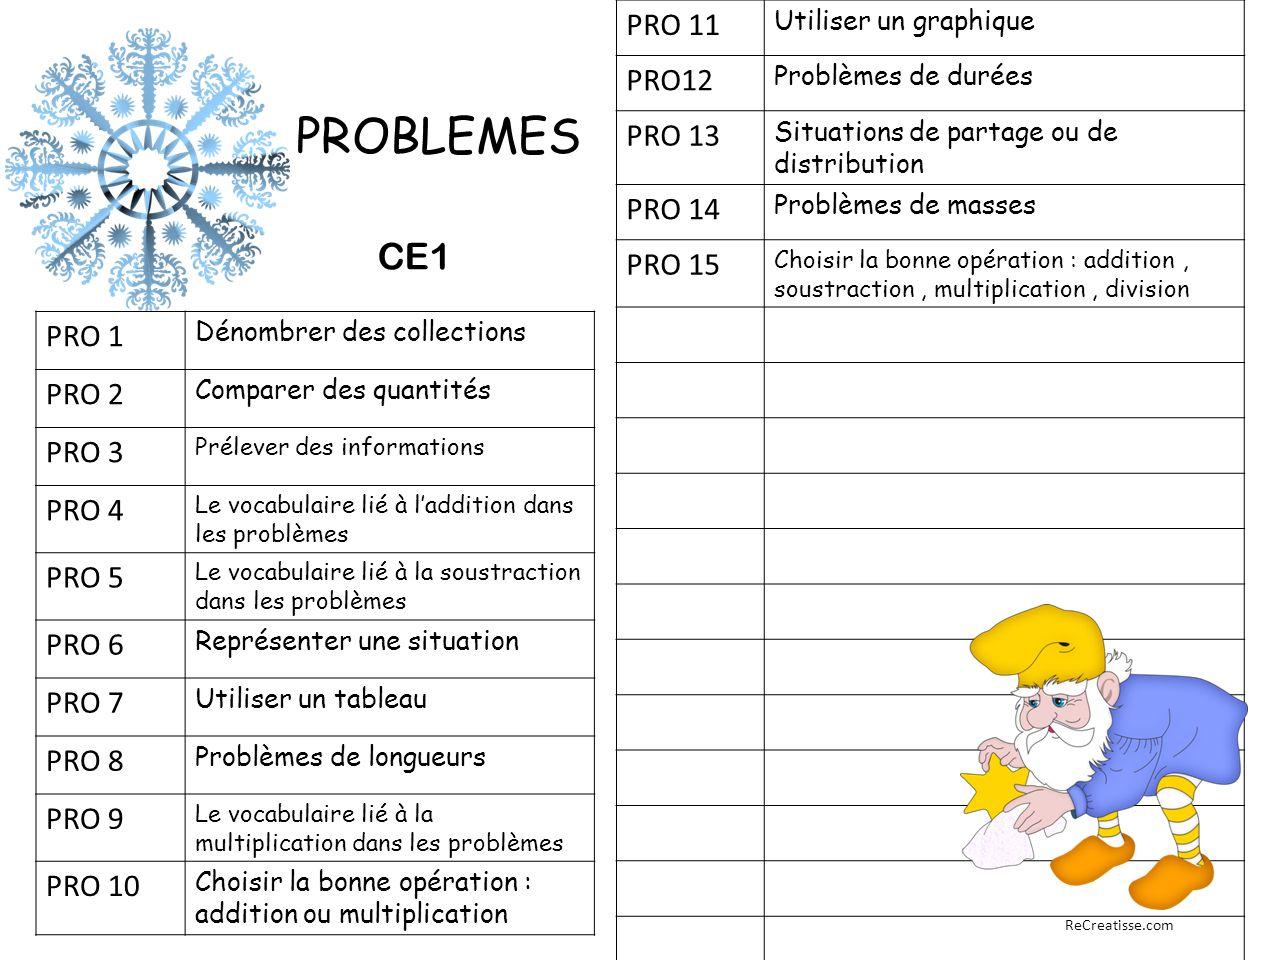 PRO 1 Dénombrer des collections PRO 2 Comparer des quantités PRO 3 Prélever des informations PRO 4 Le vocabulaire lié à l'addition dans les problèmes PRO 5 Le vocabulaire lié à la soustraction dans les problèmes PRO 6 Représenter une situation PRO 7 Utiliser un tableau PRO 8 Problèmes de longueurs PRO 9 Le vocabulaire lié à la multiplication dans les problèmes PRO 10 Choisir la bonne opération : addition ou multiplication PRO 11 Utiliser un graphique PRO12 Problèmes de durées PRO 13 Situations de partage ou de distribution PRO 14 Problèmes de masses PRO 15 Choisir la bonne opération : addition, soustraction, multiplication, division GRAMMAIRE CONJUGAISON PROBLEMES ReCreatisse.com CE1